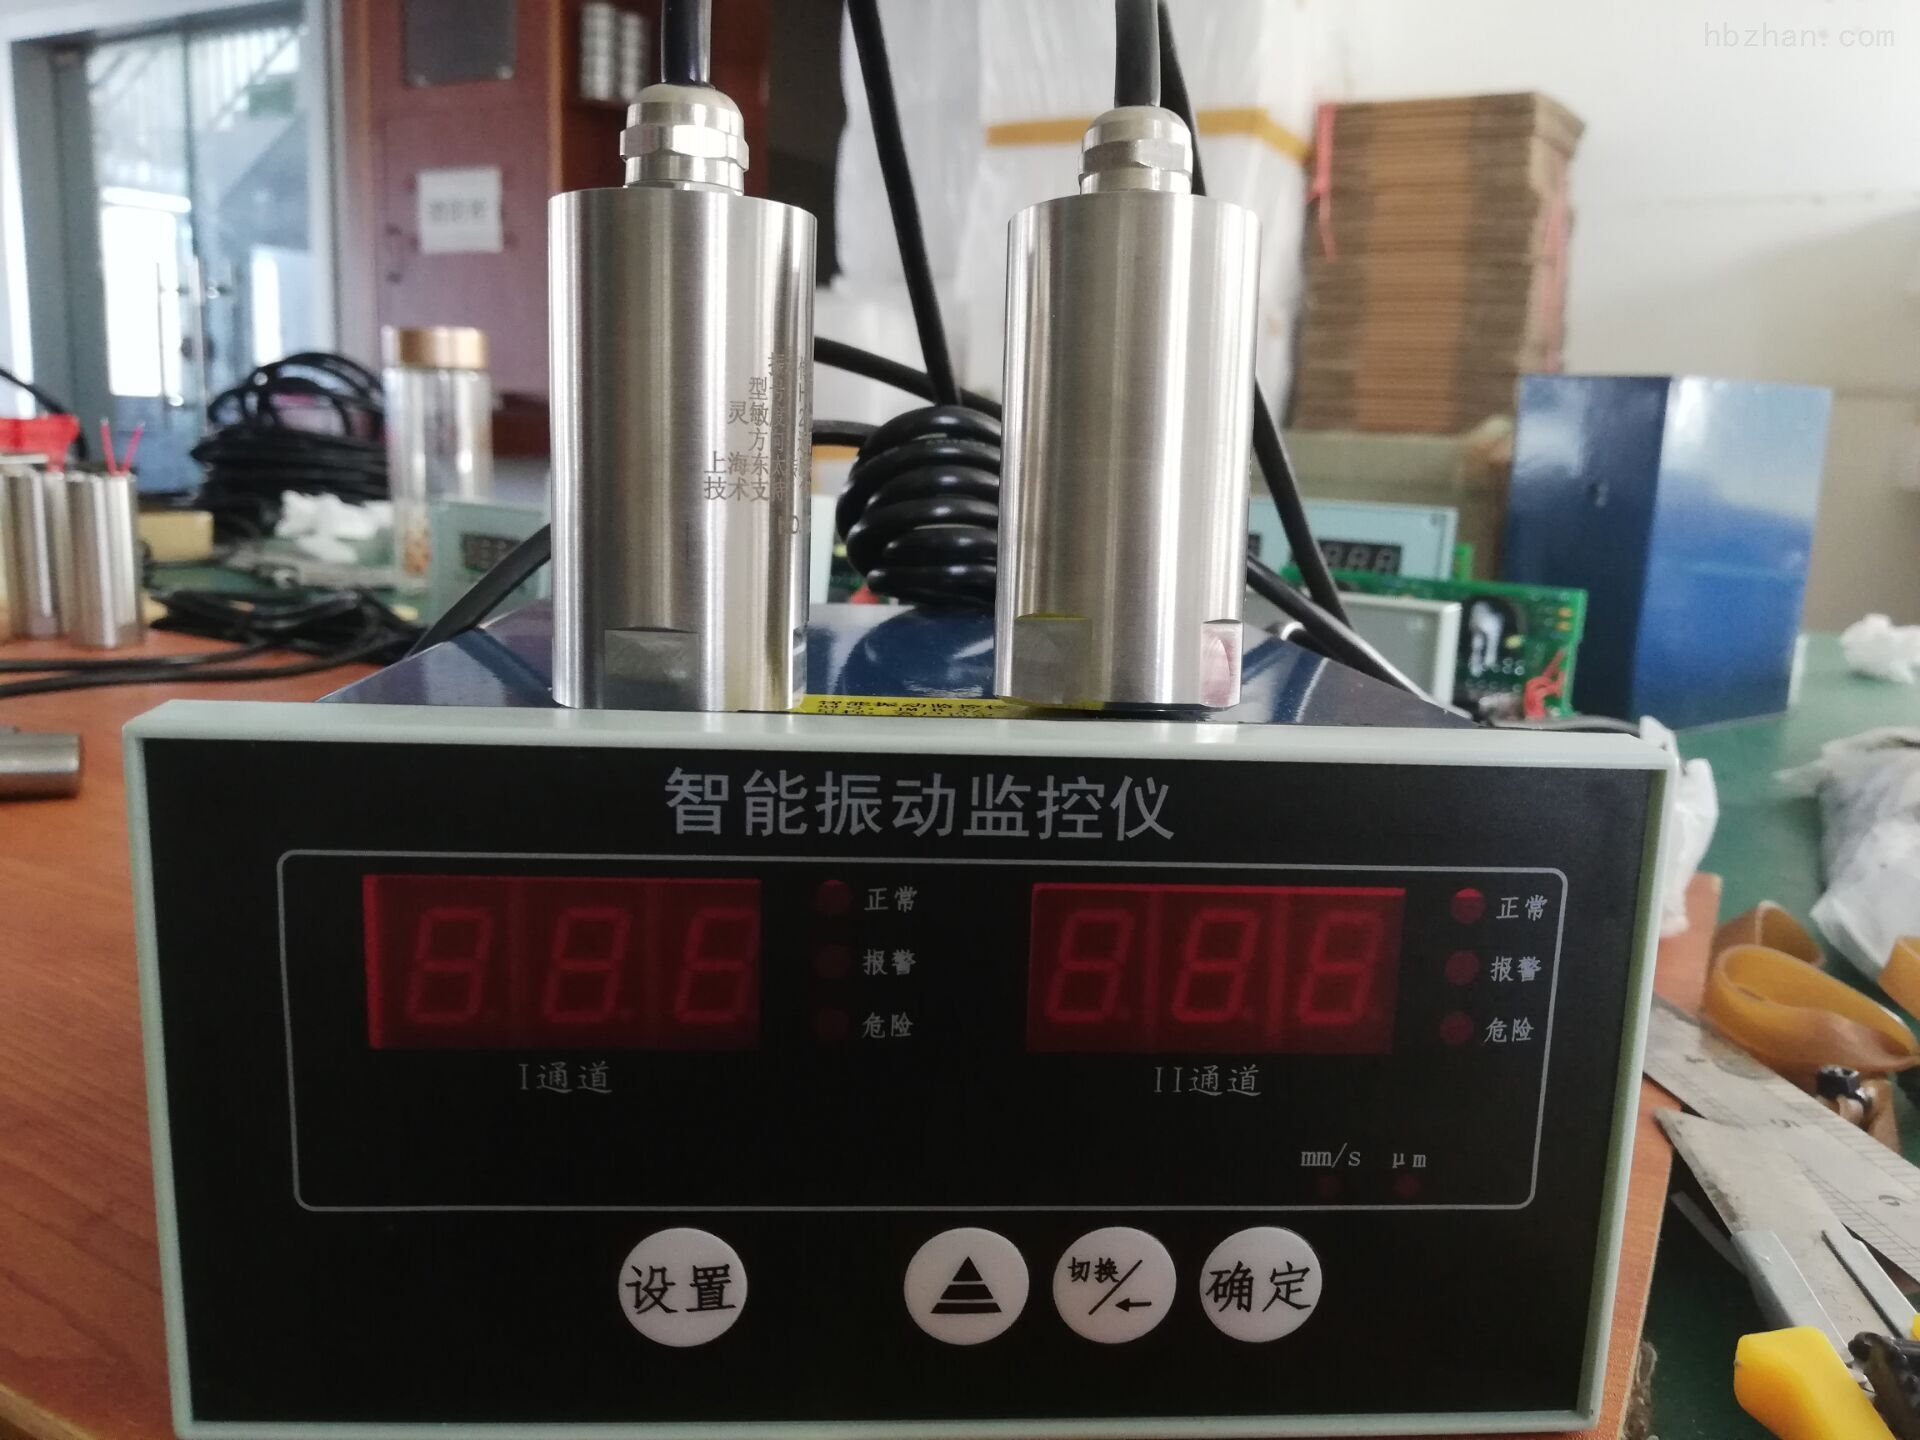 XJZC-03A转速-撞击子监视装置